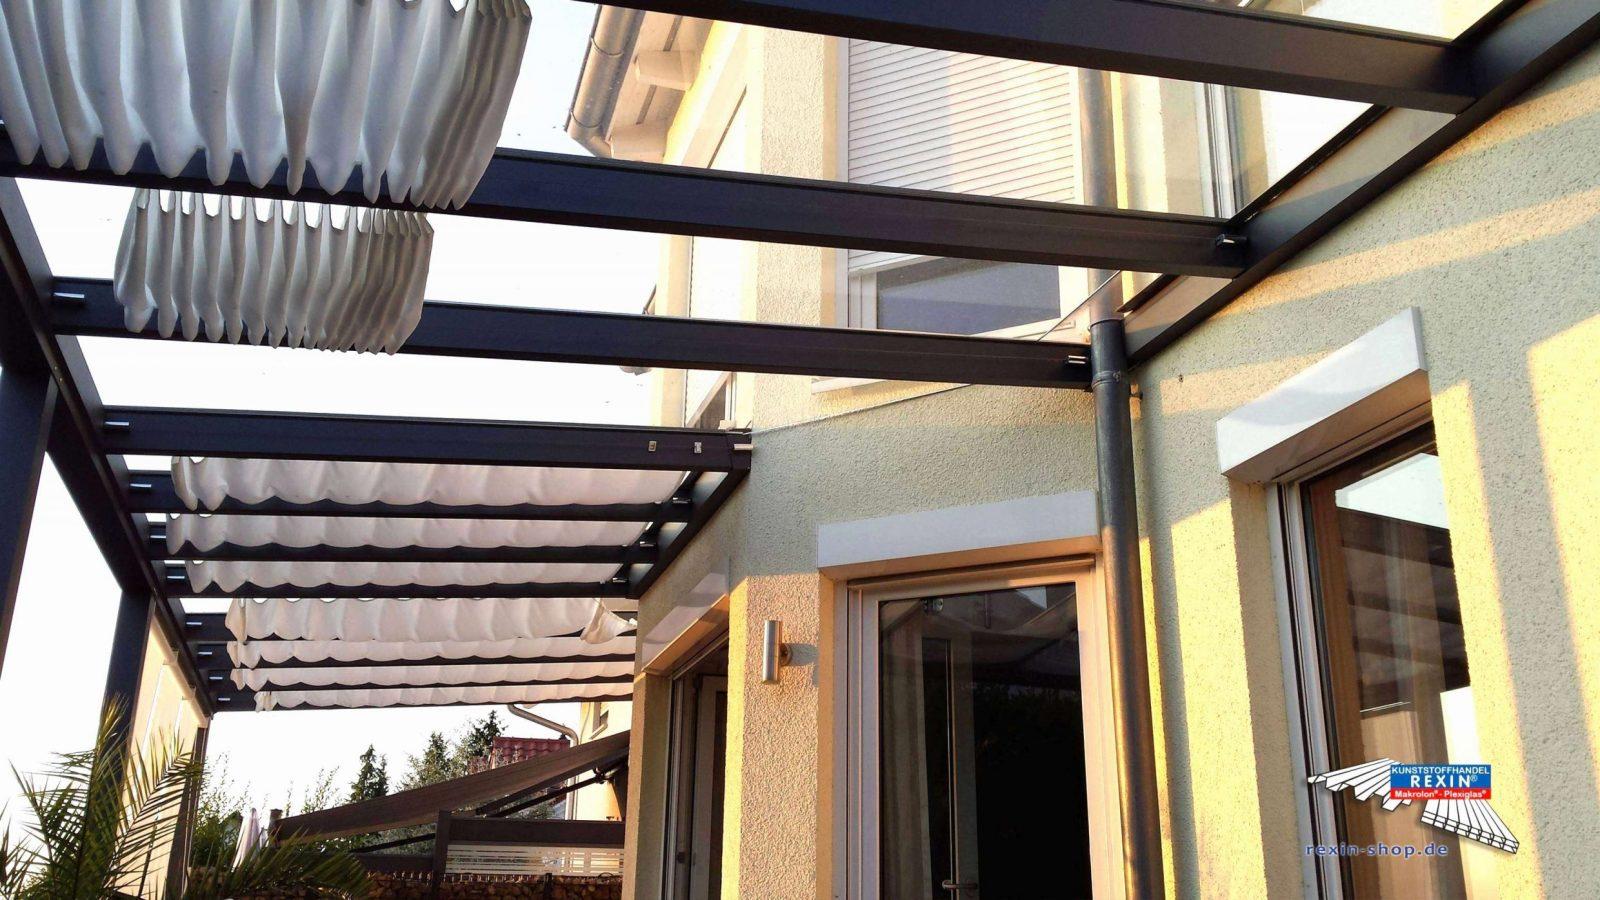 Sichtschutz Balkon Selber Machen Neueste Fotos Balkon Sichtschutz von Sichtschutz Für Balkon Selber Machen Bild